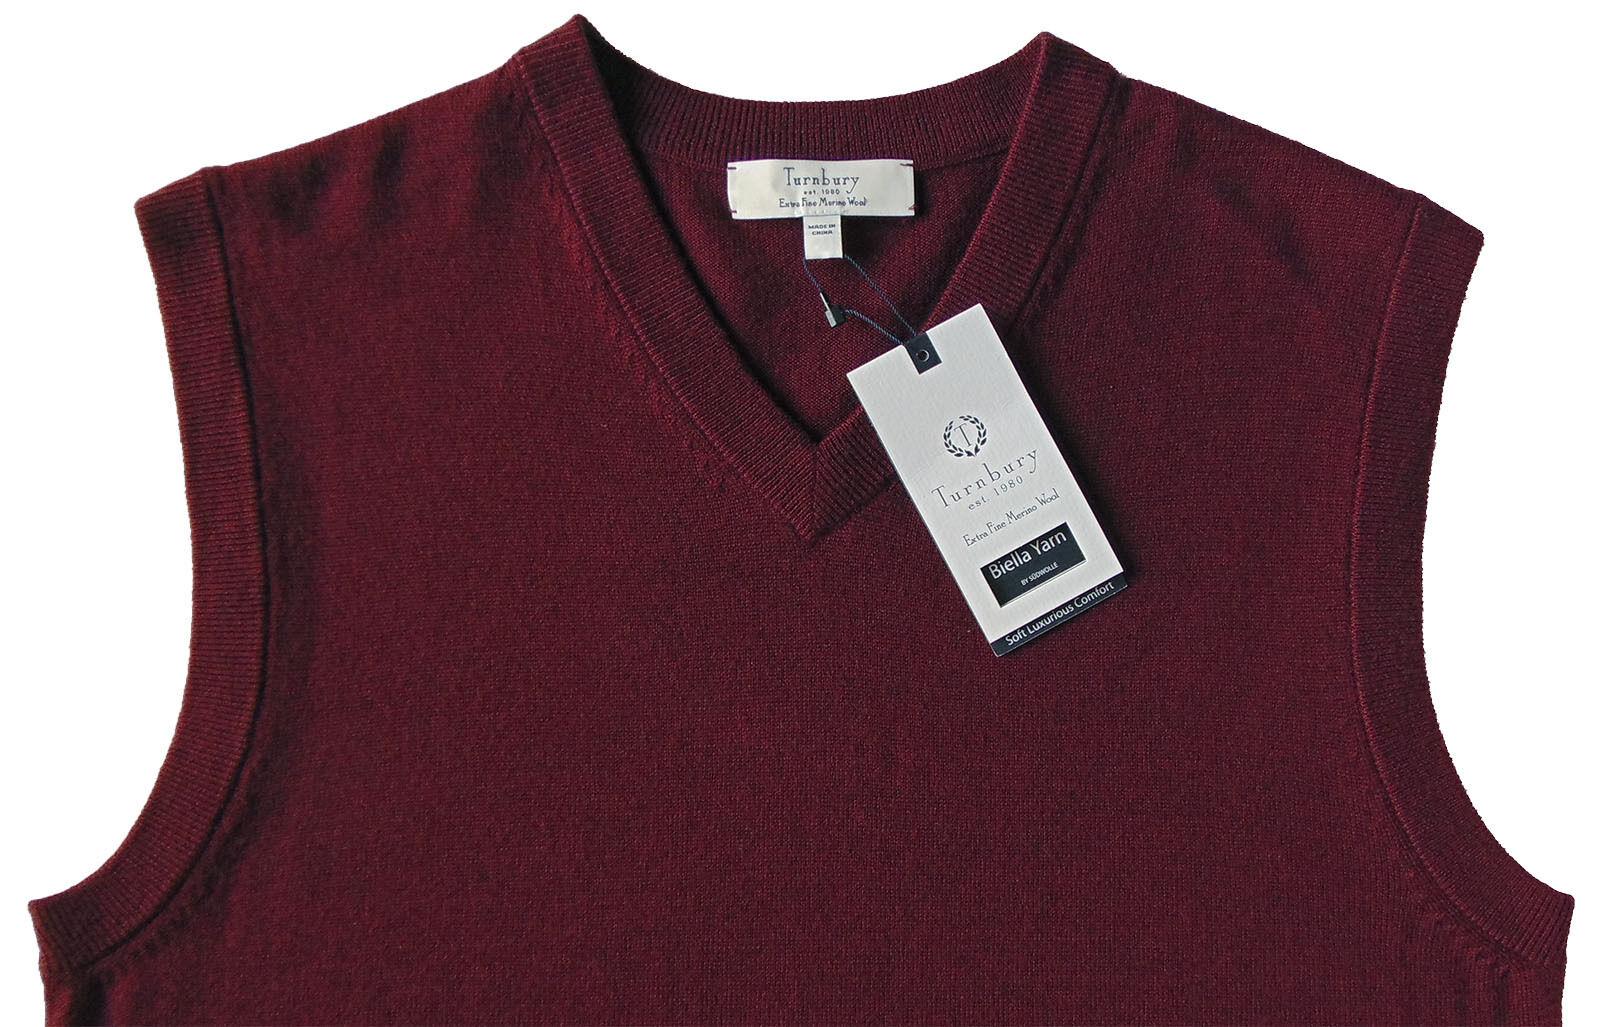 Men's TURNBURY Burgundy Deep Maroon Wool Sweater Vest Small S NEW NWT BIELLA